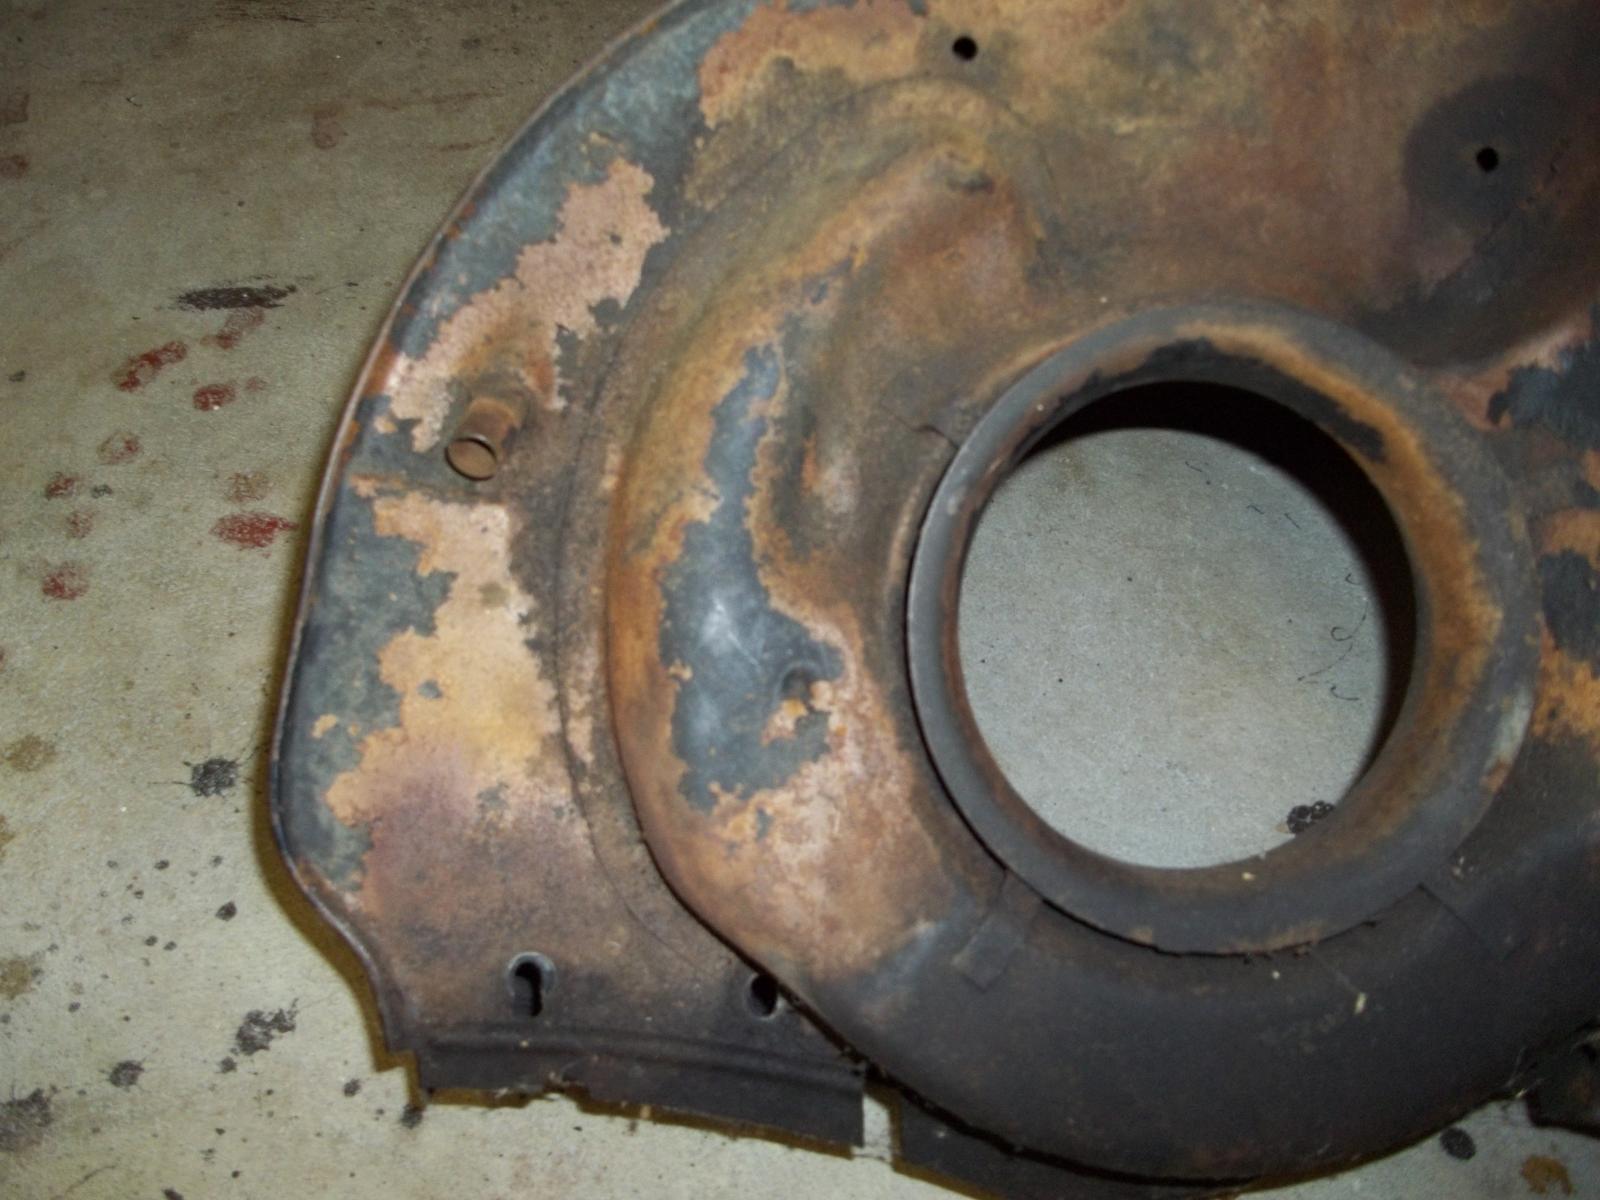 Fuel injection fan shroud